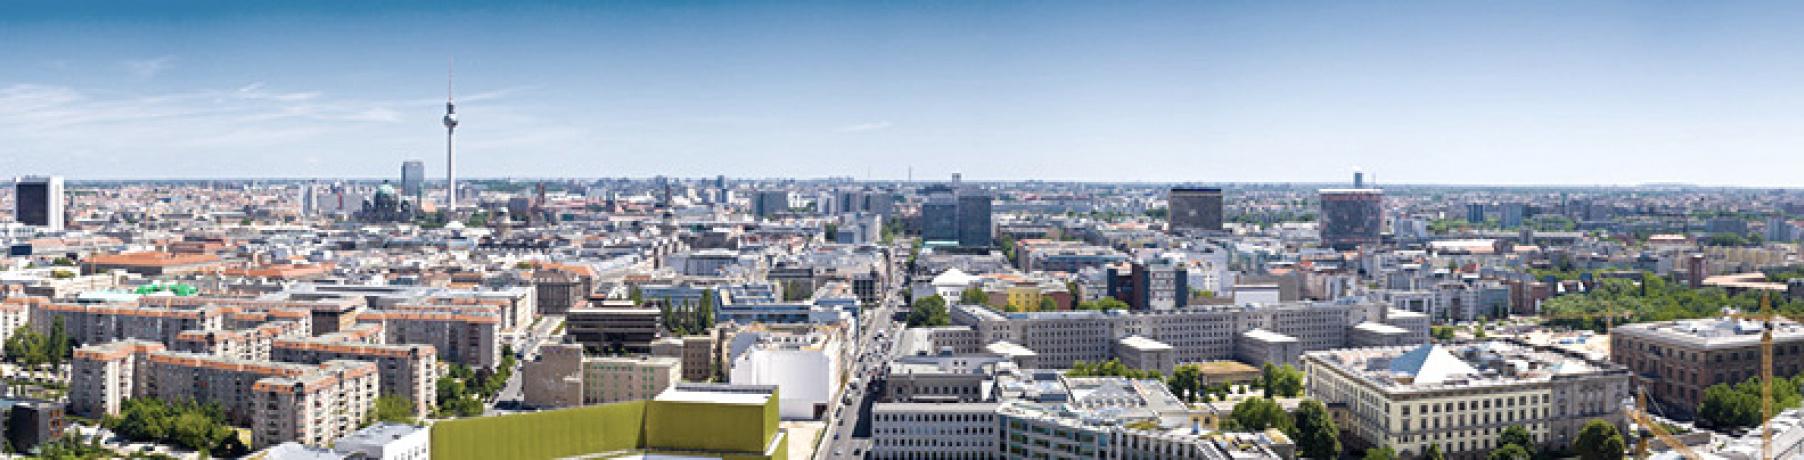 Bild_Berlin_Kanzlei_für_Gesundheitsrecht